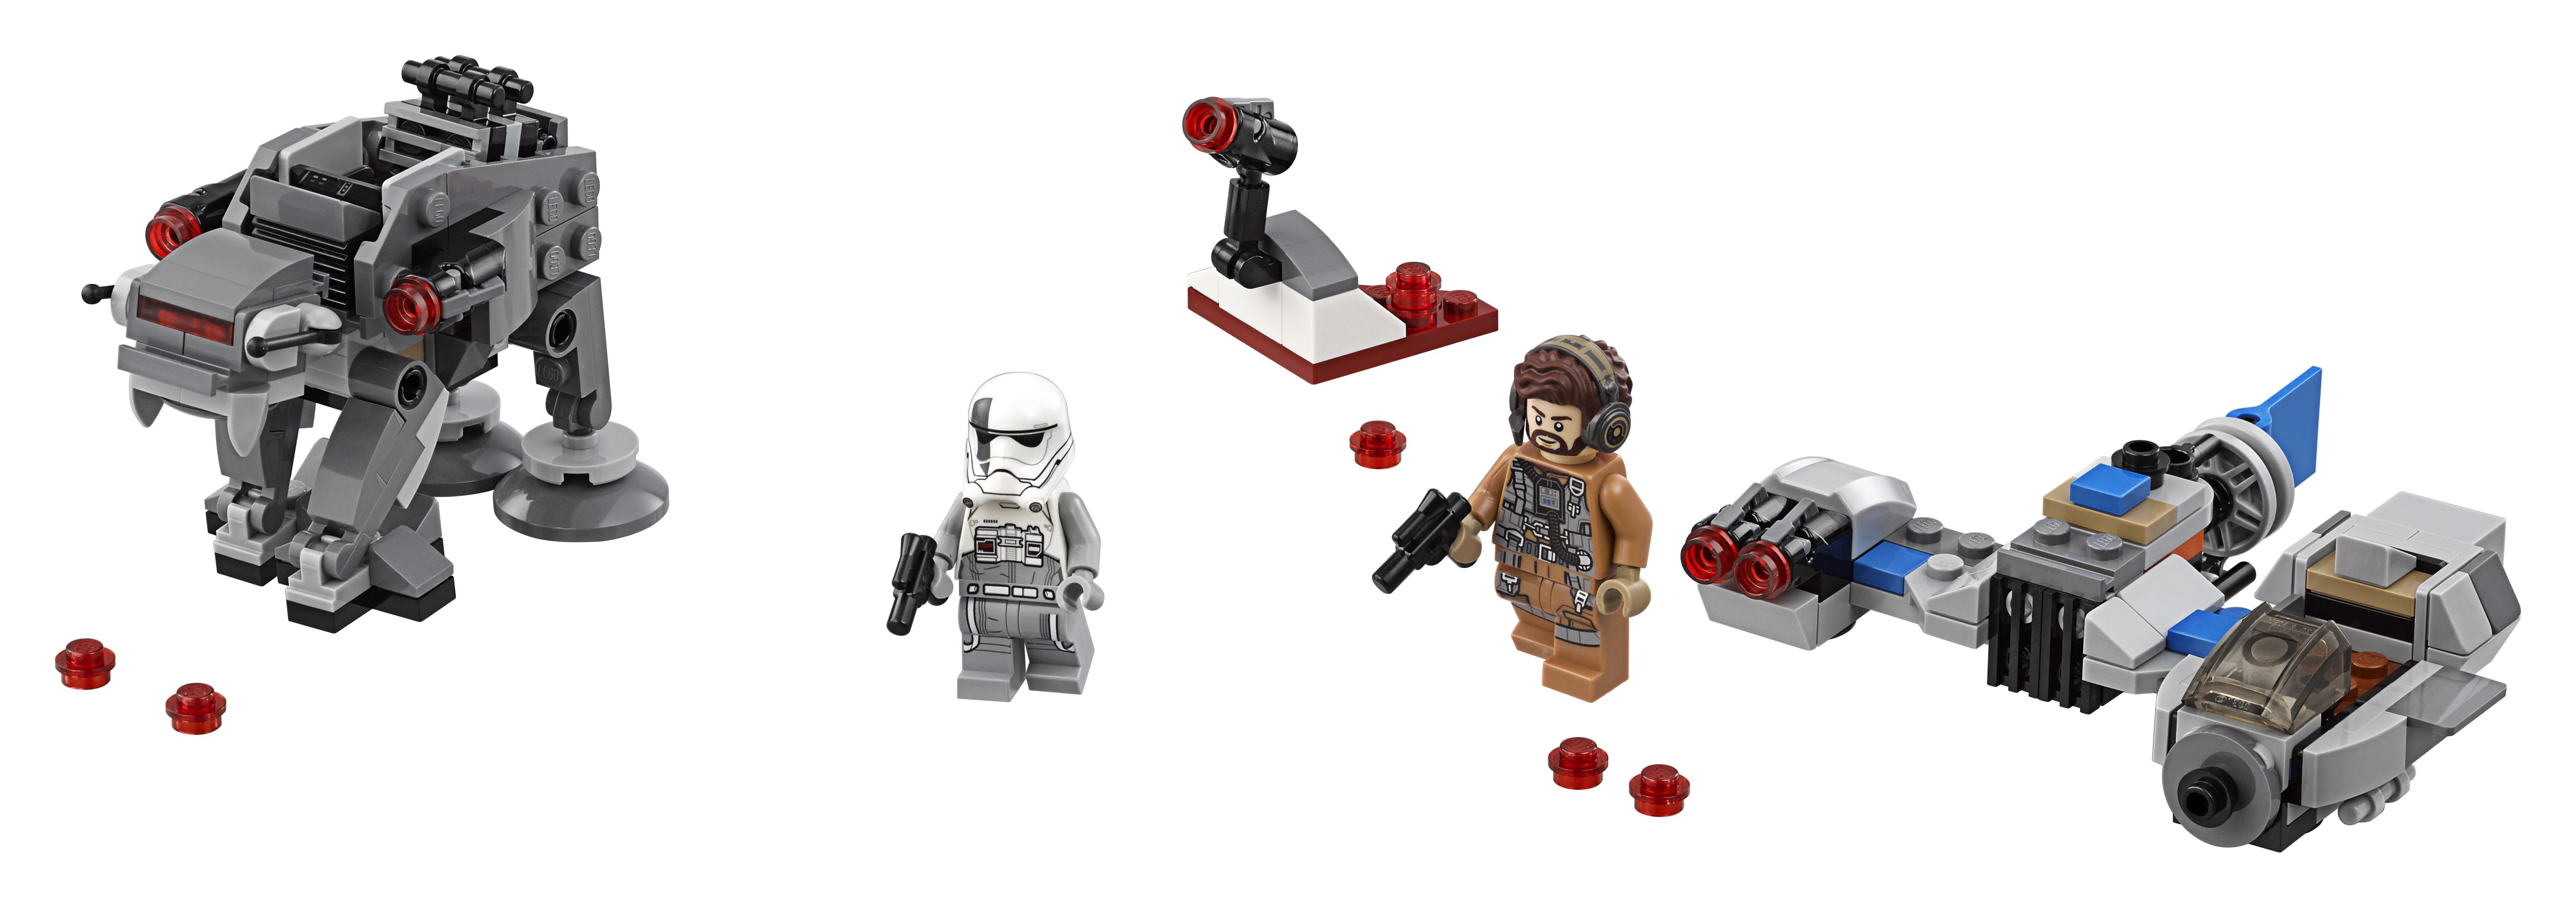 Конструктор LEGO 75195 Бой пехотинцев Первого Ордена против спидера на лыжах lego lego star wars бой пехотинцев первого ордена против спидера на лыжах